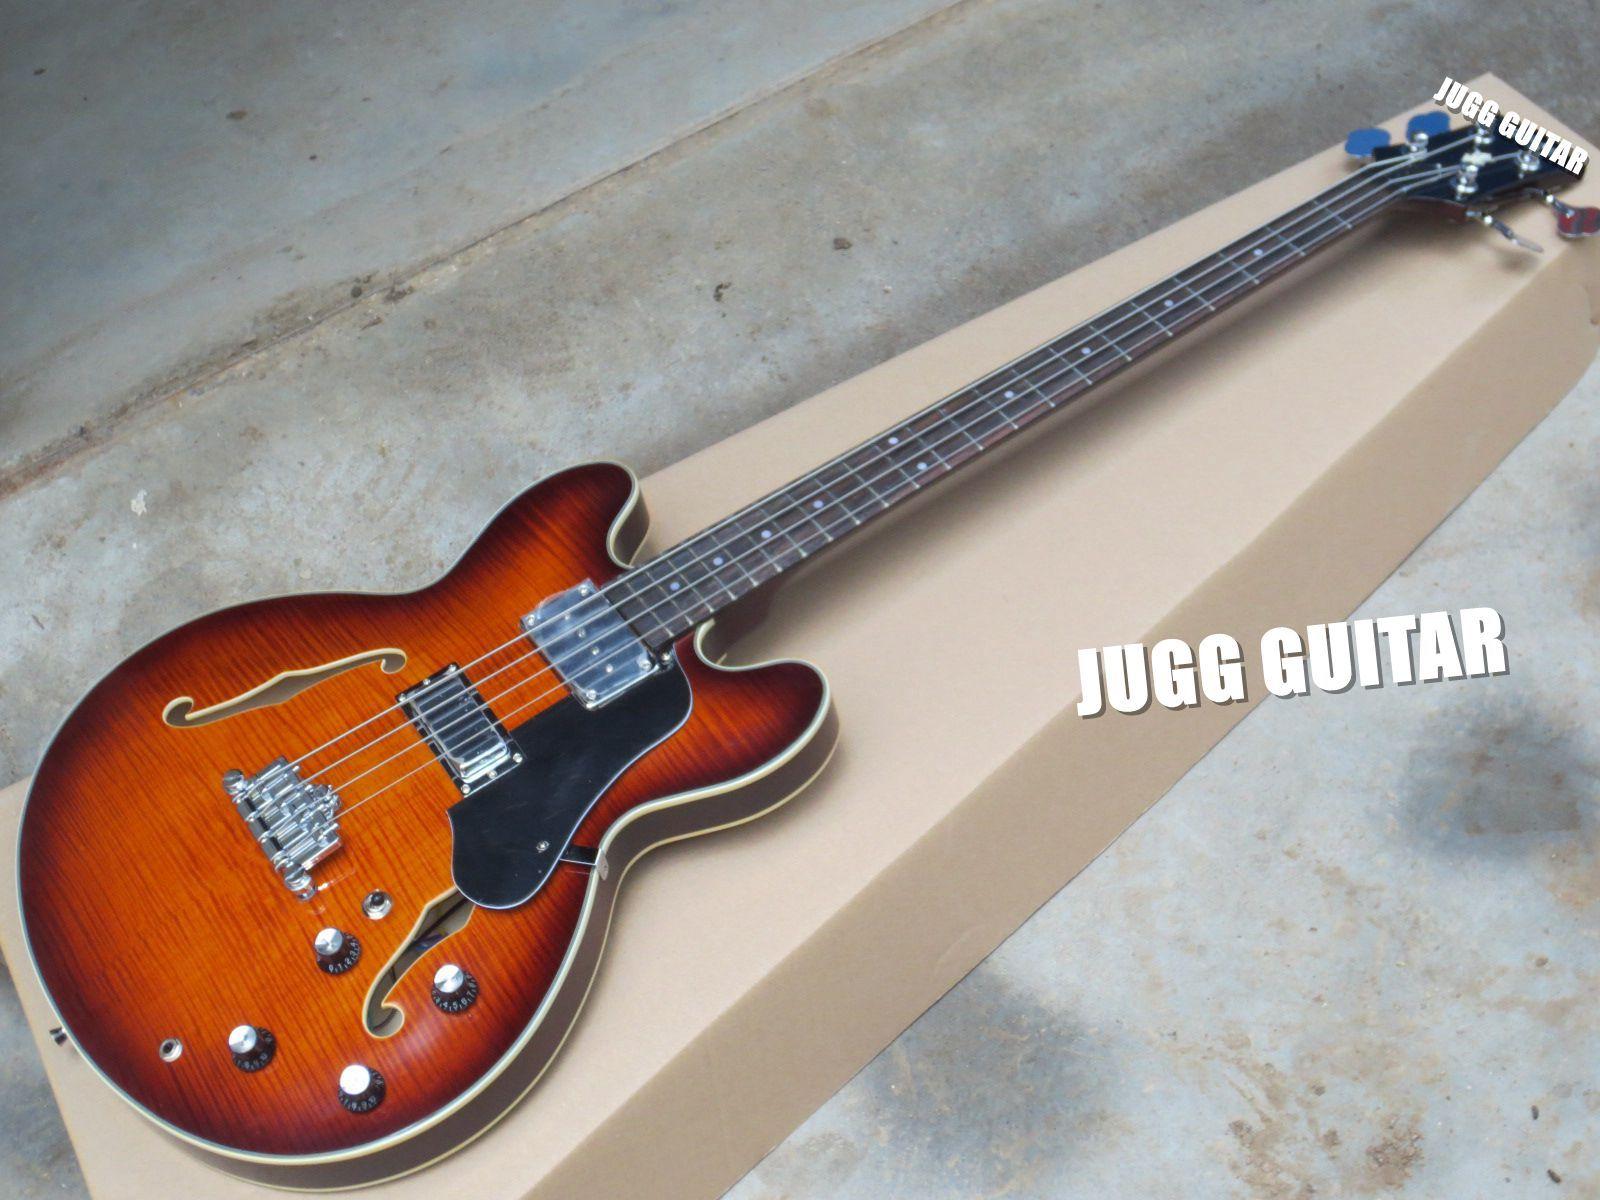 Özel 4 Strings ES Caz BAS Tütün Sunburst Elektrik Bas Gitar Alev Maple Top Yarı Hollow Vücut Çift F Delik Gülağacı klavye